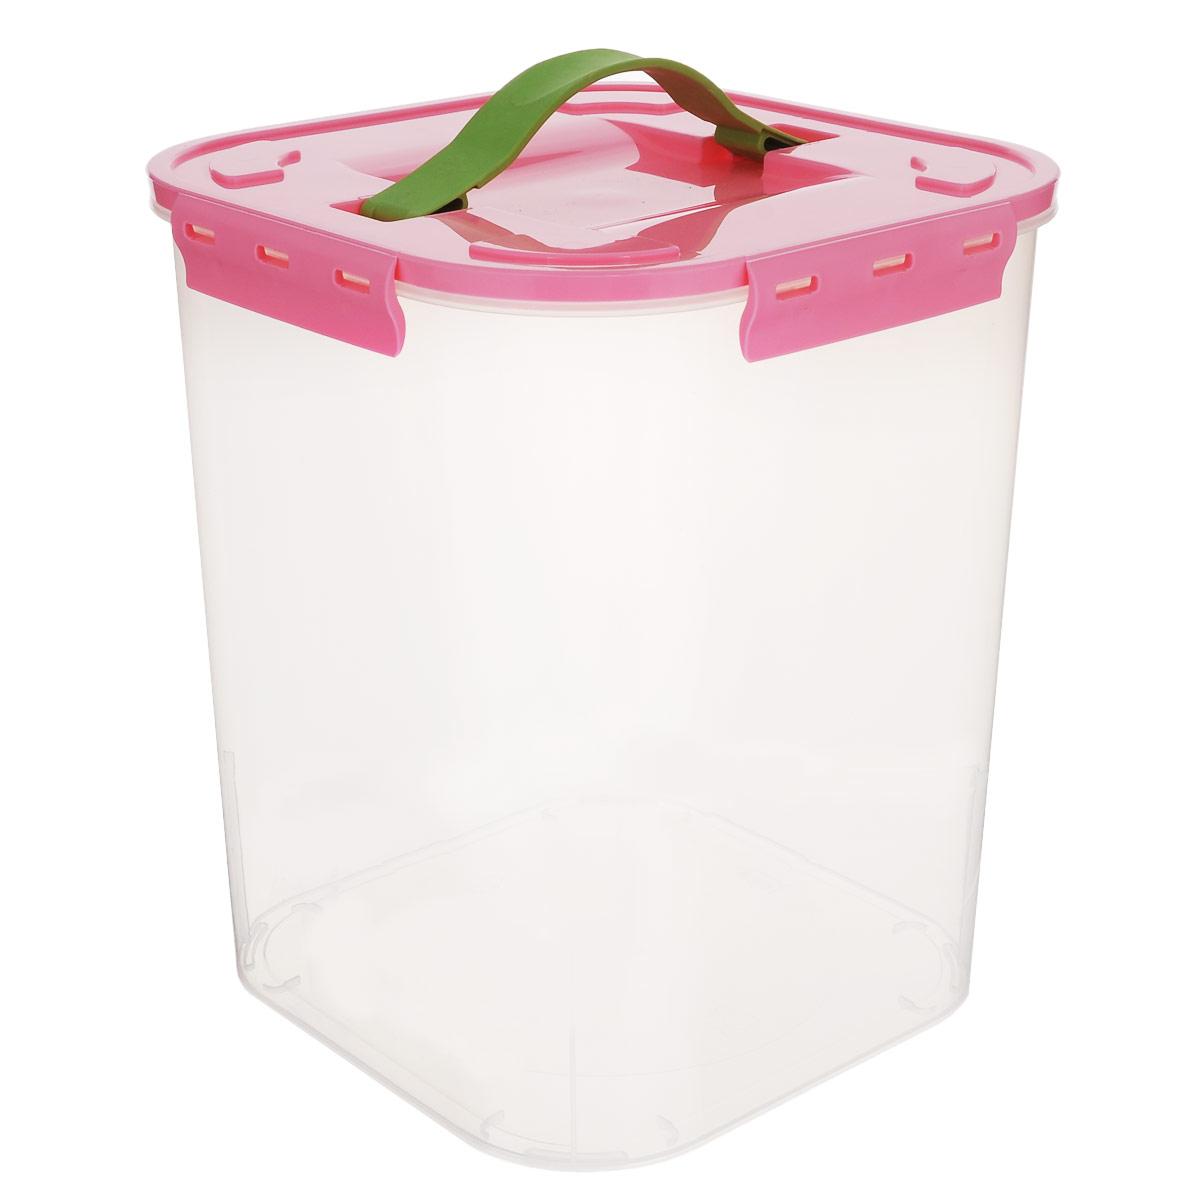 Контейнер для хранения Idea, цвет: розовый, прозрачный, 10 л контейнер для хранения idea деко бомбы 10 л